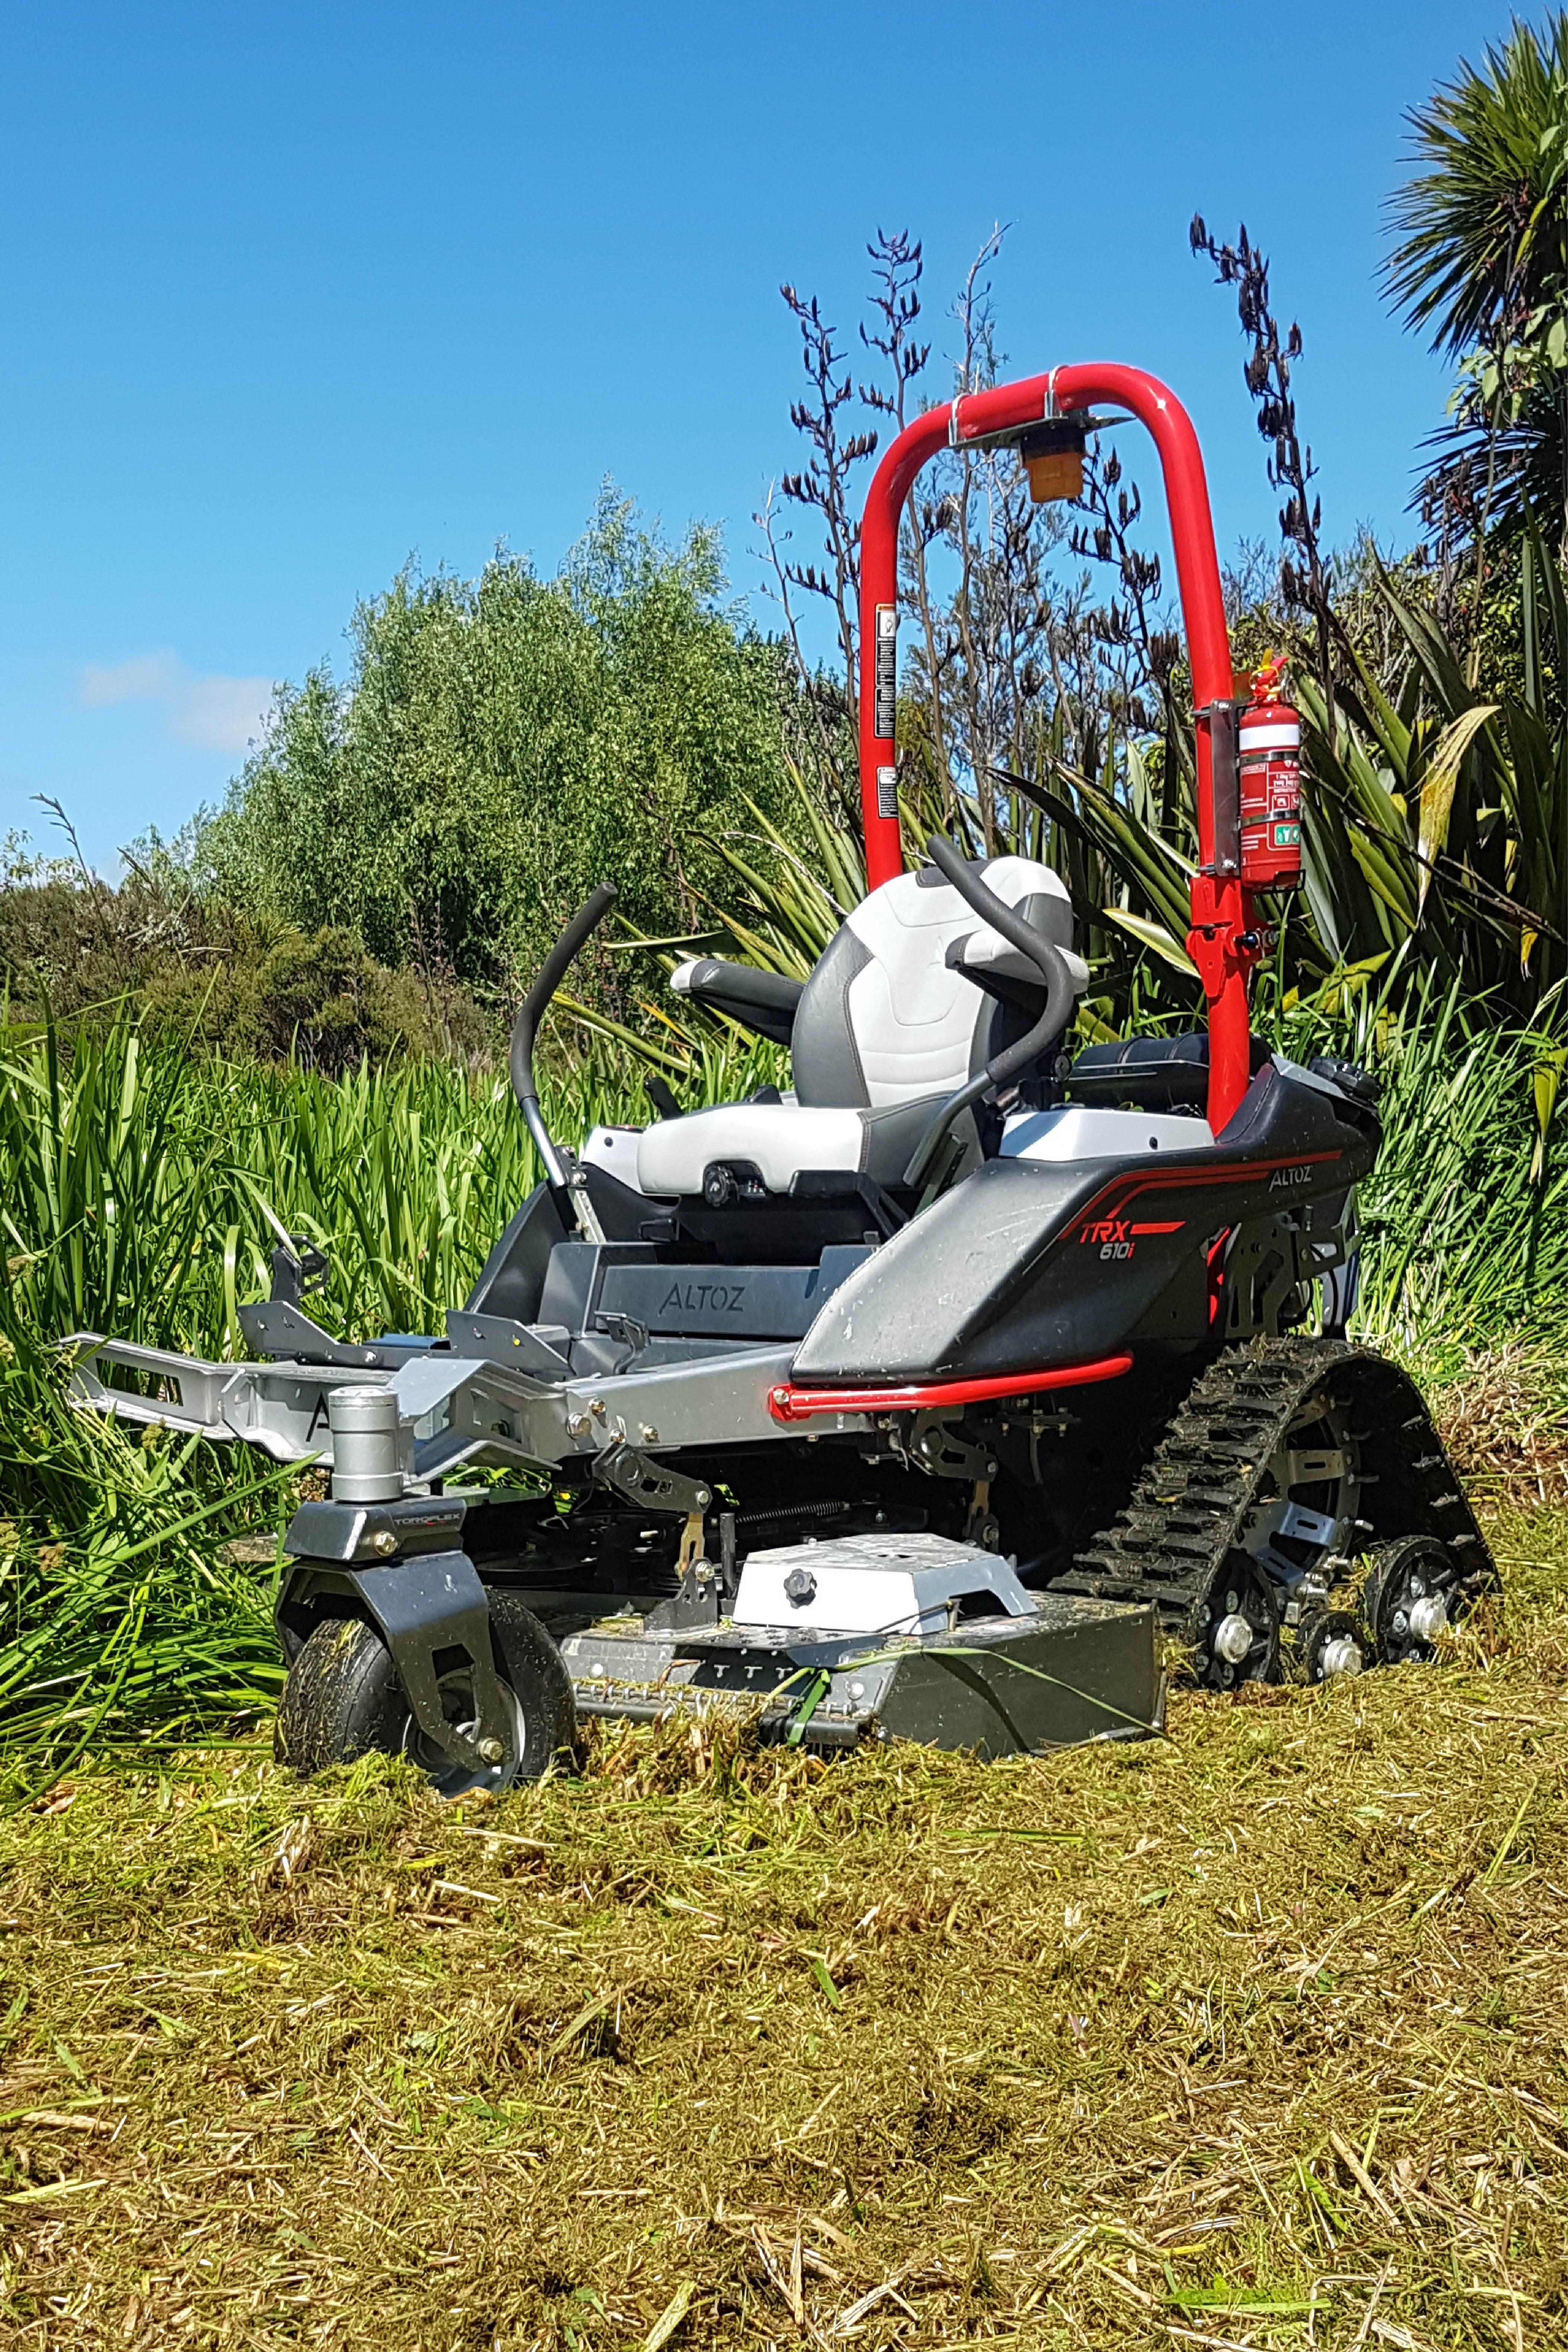 Altoz Trx Tracked Zero Turn Mower With All Terrain Deck Zero Turn Mowers Zero Turn Lawn Mowers Mower